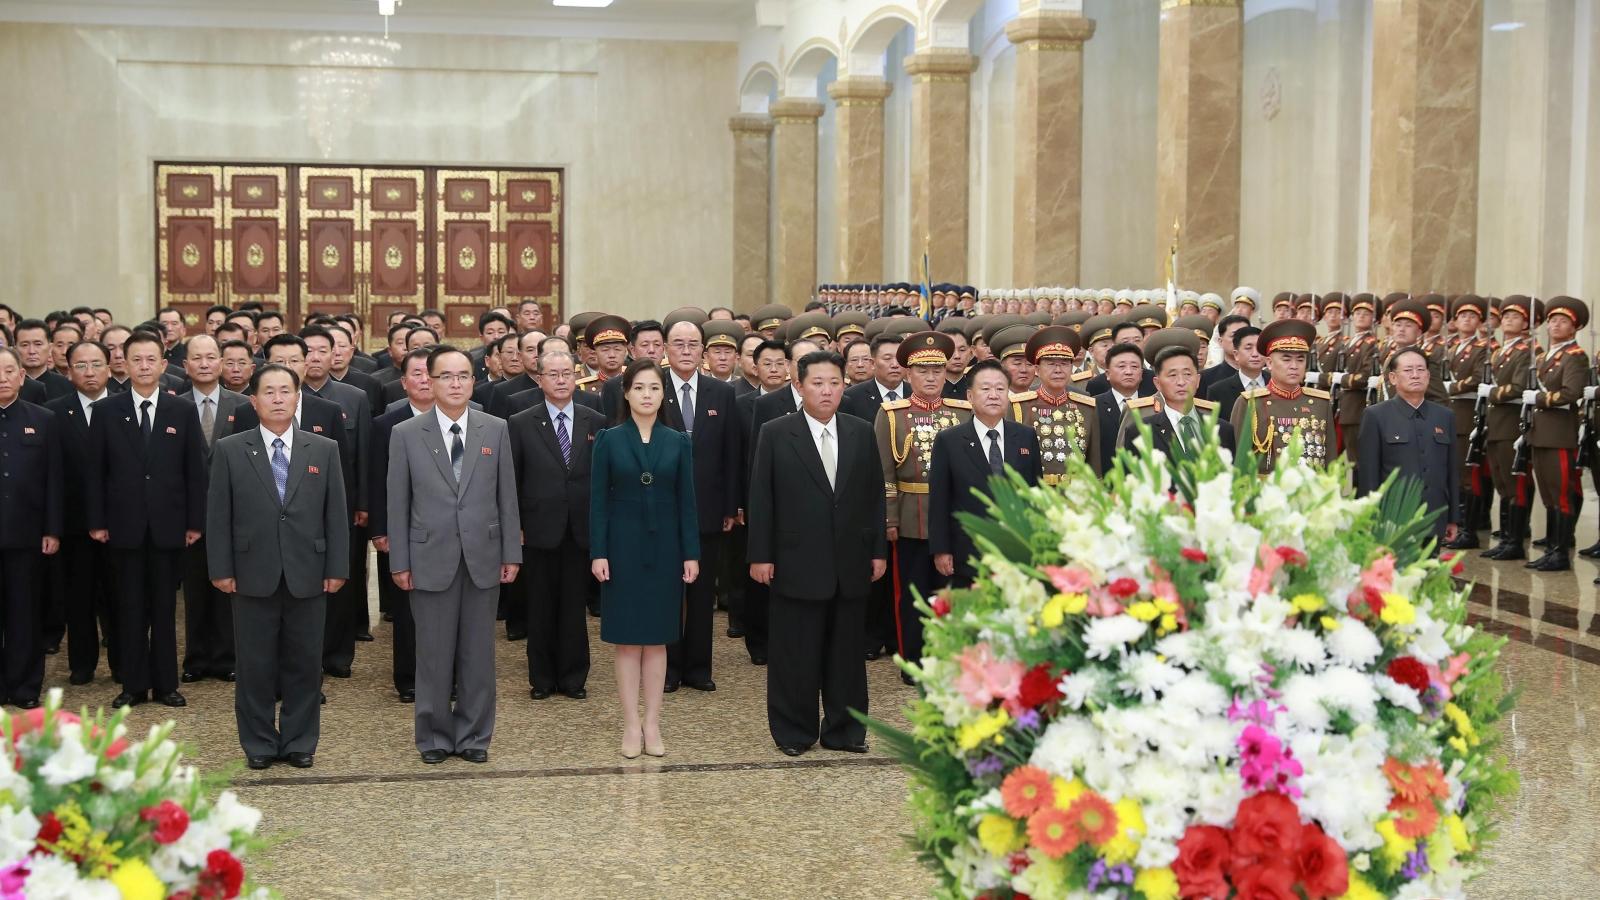 Lãnh đạo Triều Tiên Kim Jong-un viếng các cố lãnh đạo nhân Quốc khánh